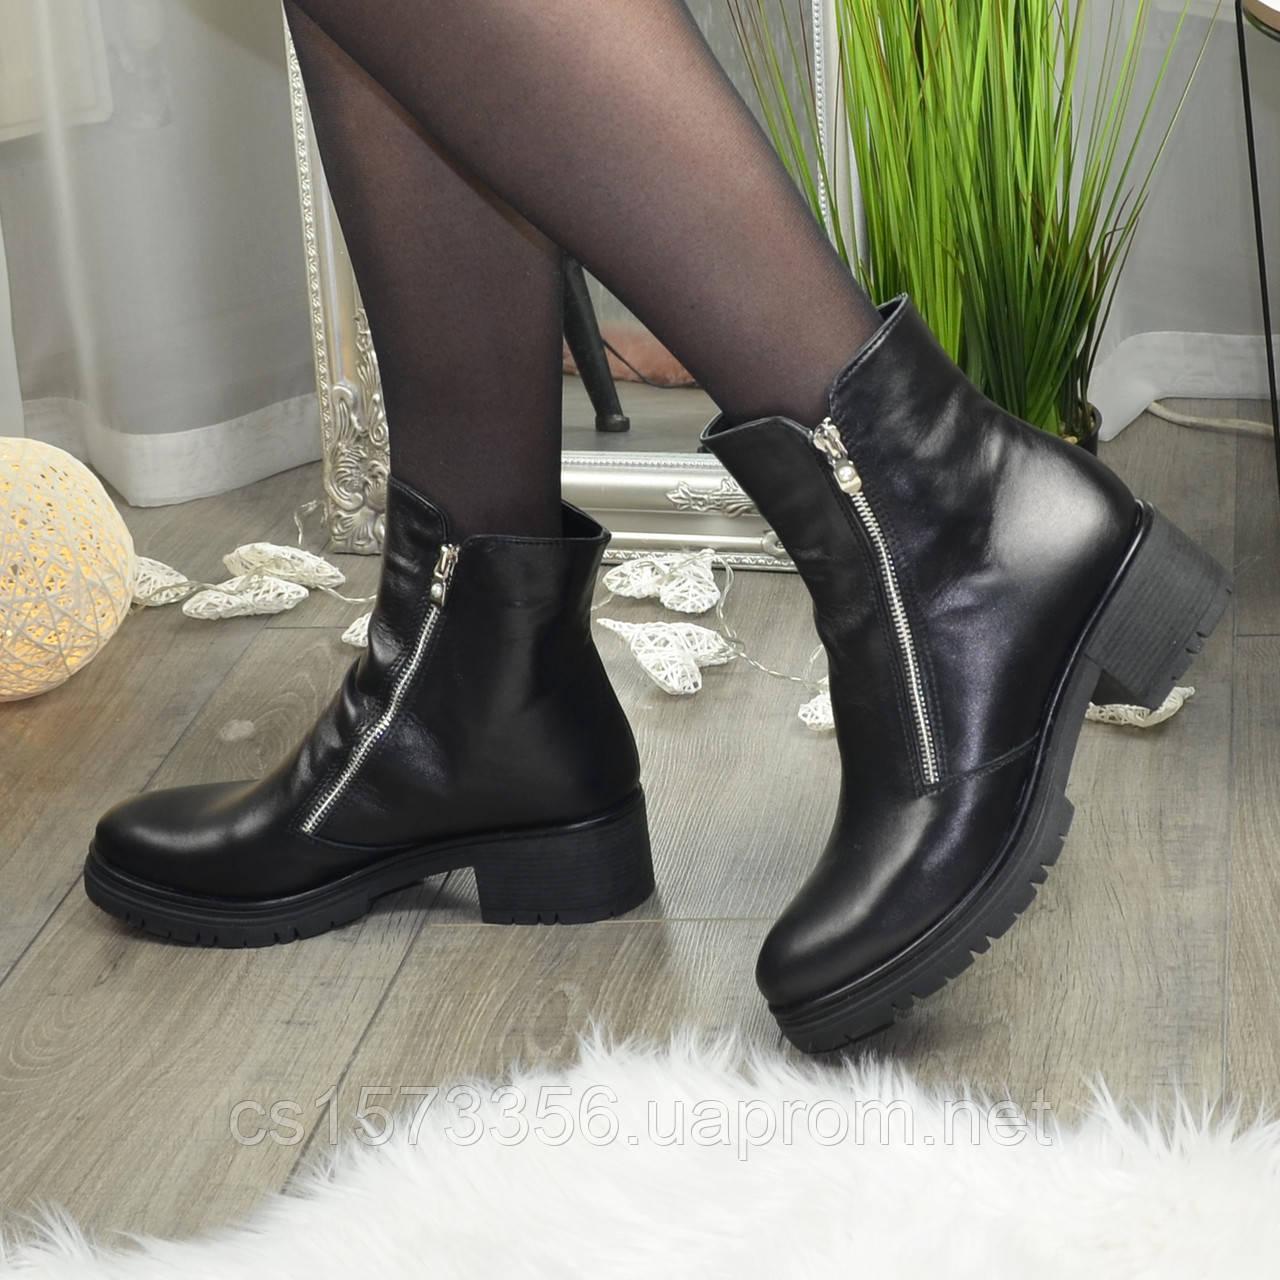 Ботинки женские демисезонные кожаные на невысоком каблуке, черный цвет.